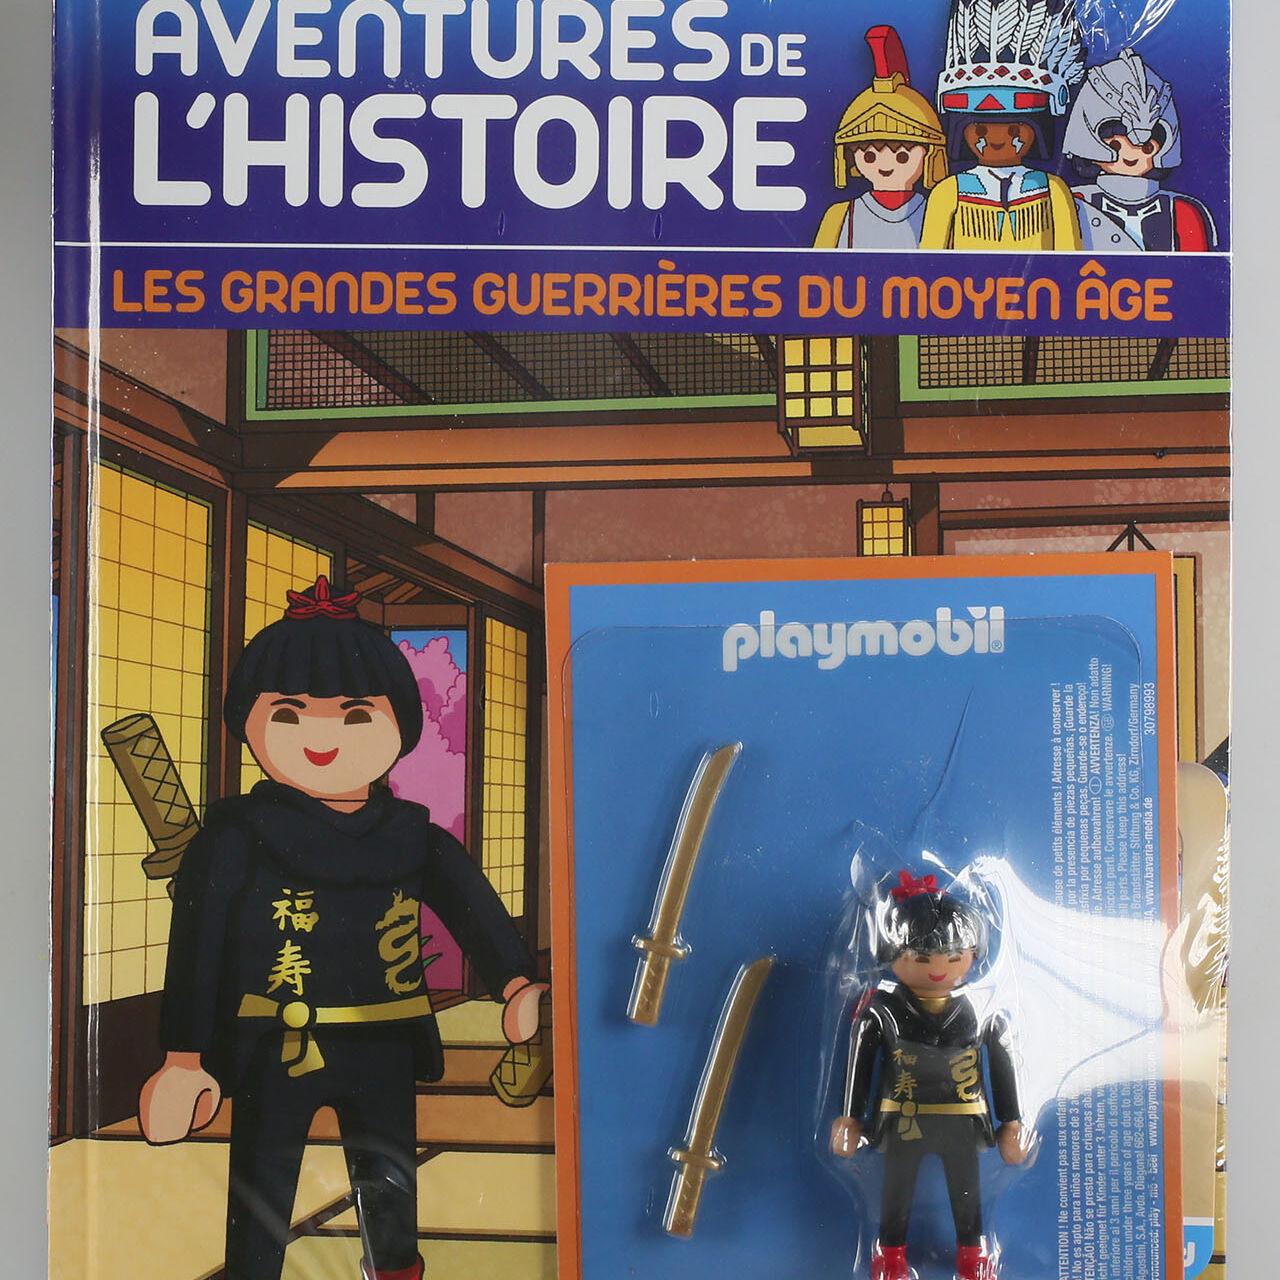 Playmobil, aventure de l'histoire, les grandes guerrières du moyen âge. La bd accompagnée de son Playmobil, Ninja.-0